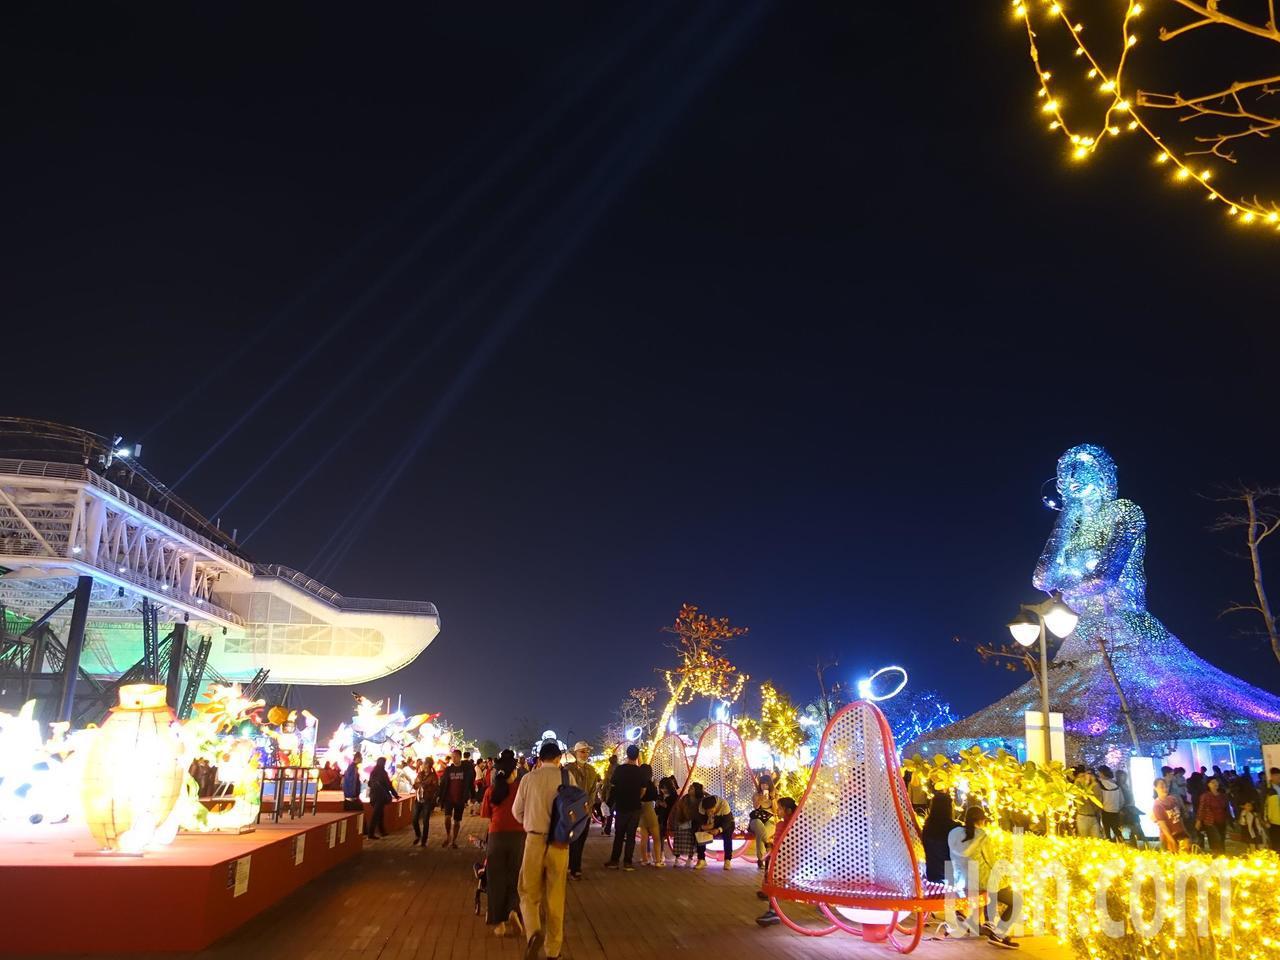 大鵬灣的飛機與海之女神相望,現場光影奪目。記者翁禎霞/攝影